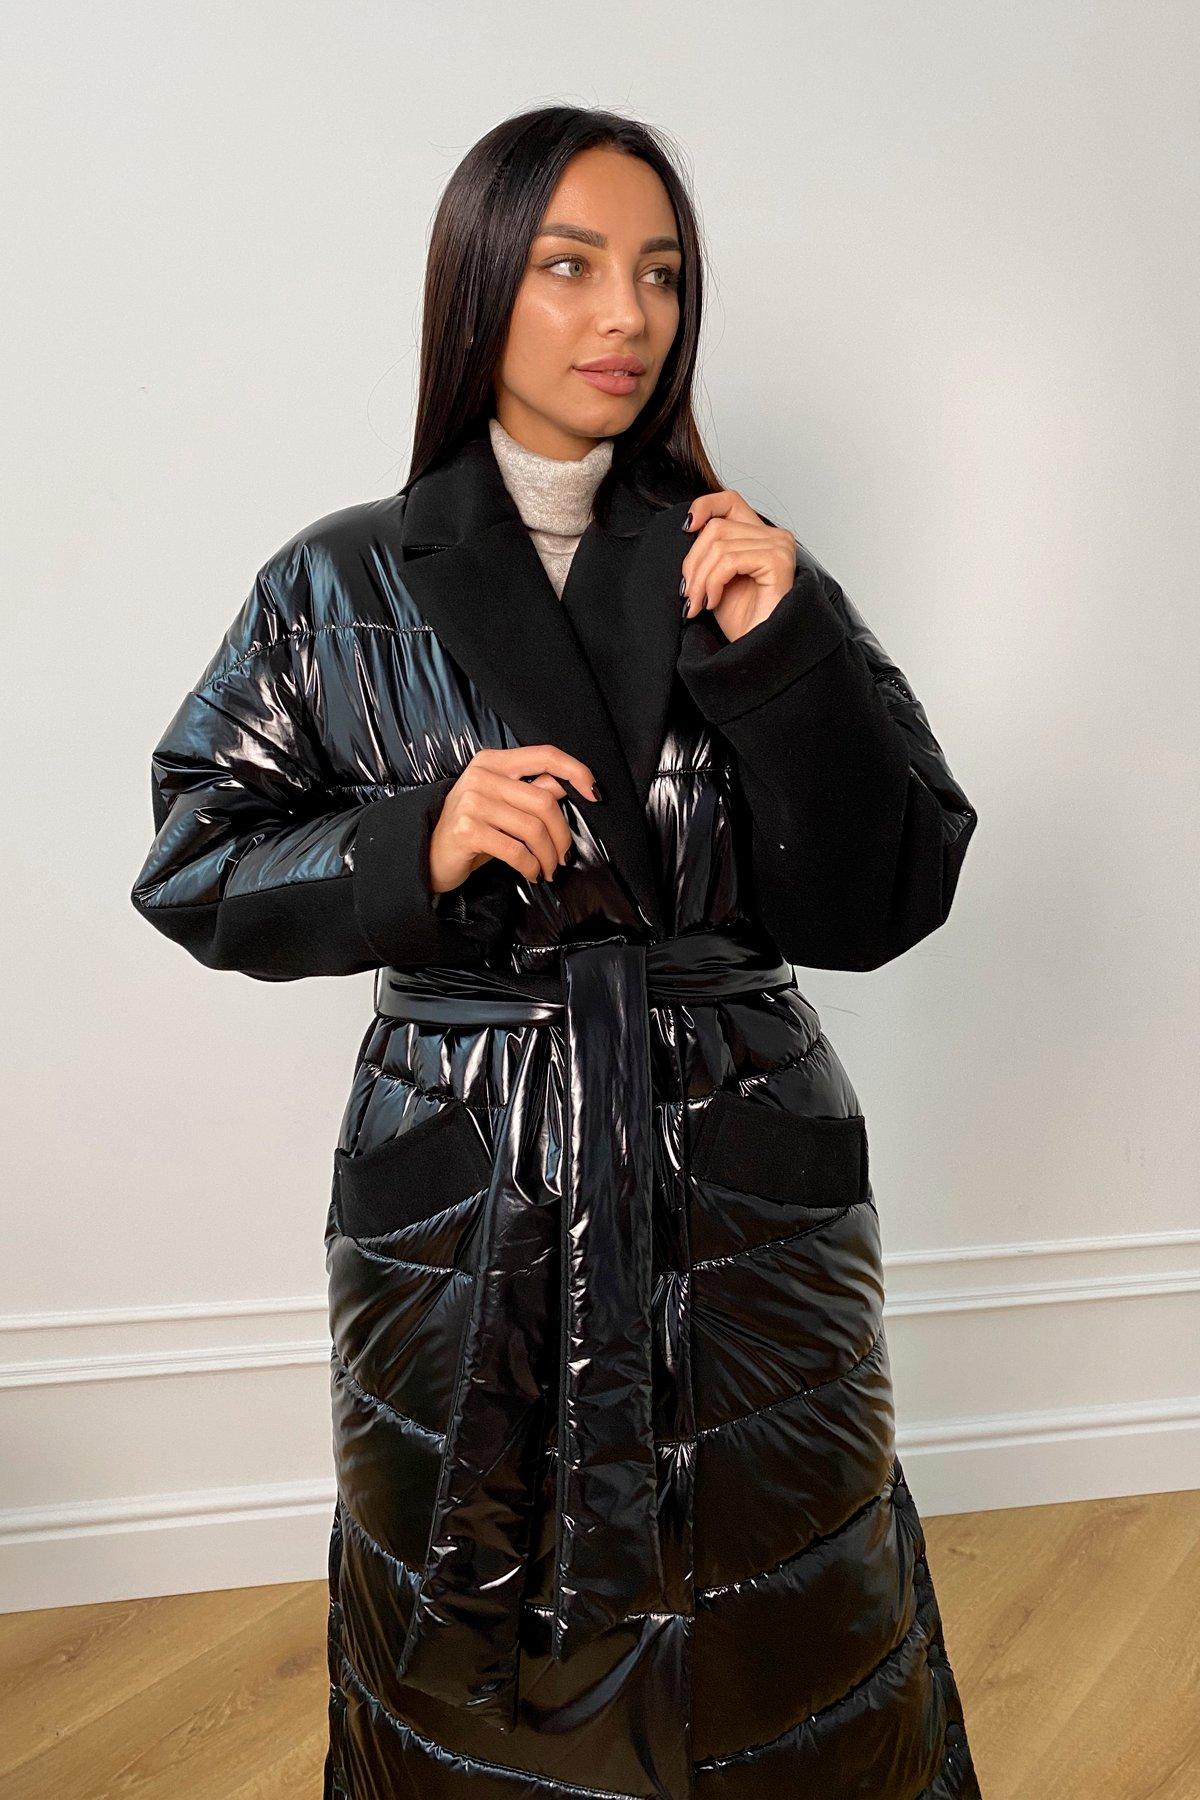 Санре утепленное пальто из комбинации плащевой и пальтовой ткани 9940 АРТ. 46234 Цвет: Черный - фото 5, интернет магазин tm-modus.ru